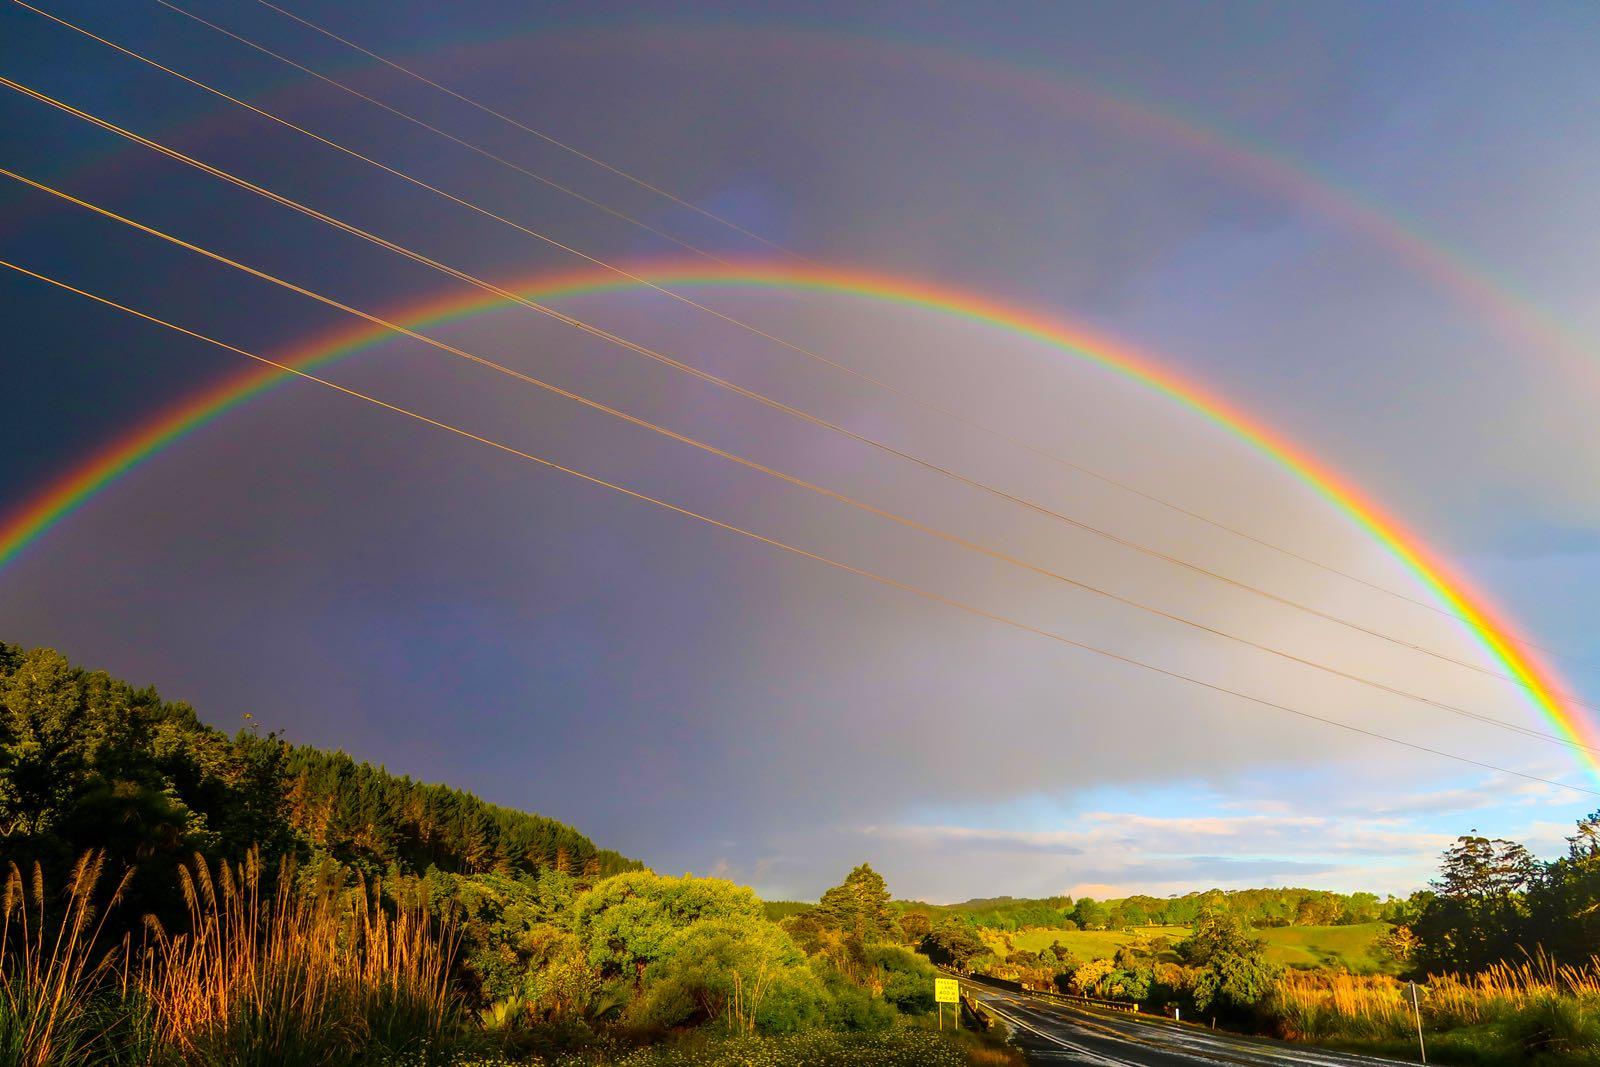 לפעמים גם יוצא לצלם למעלה: קשת מרשימה בניו זילנד (צילום: אלון צנגוט) (צילום: אלון צנגוט)